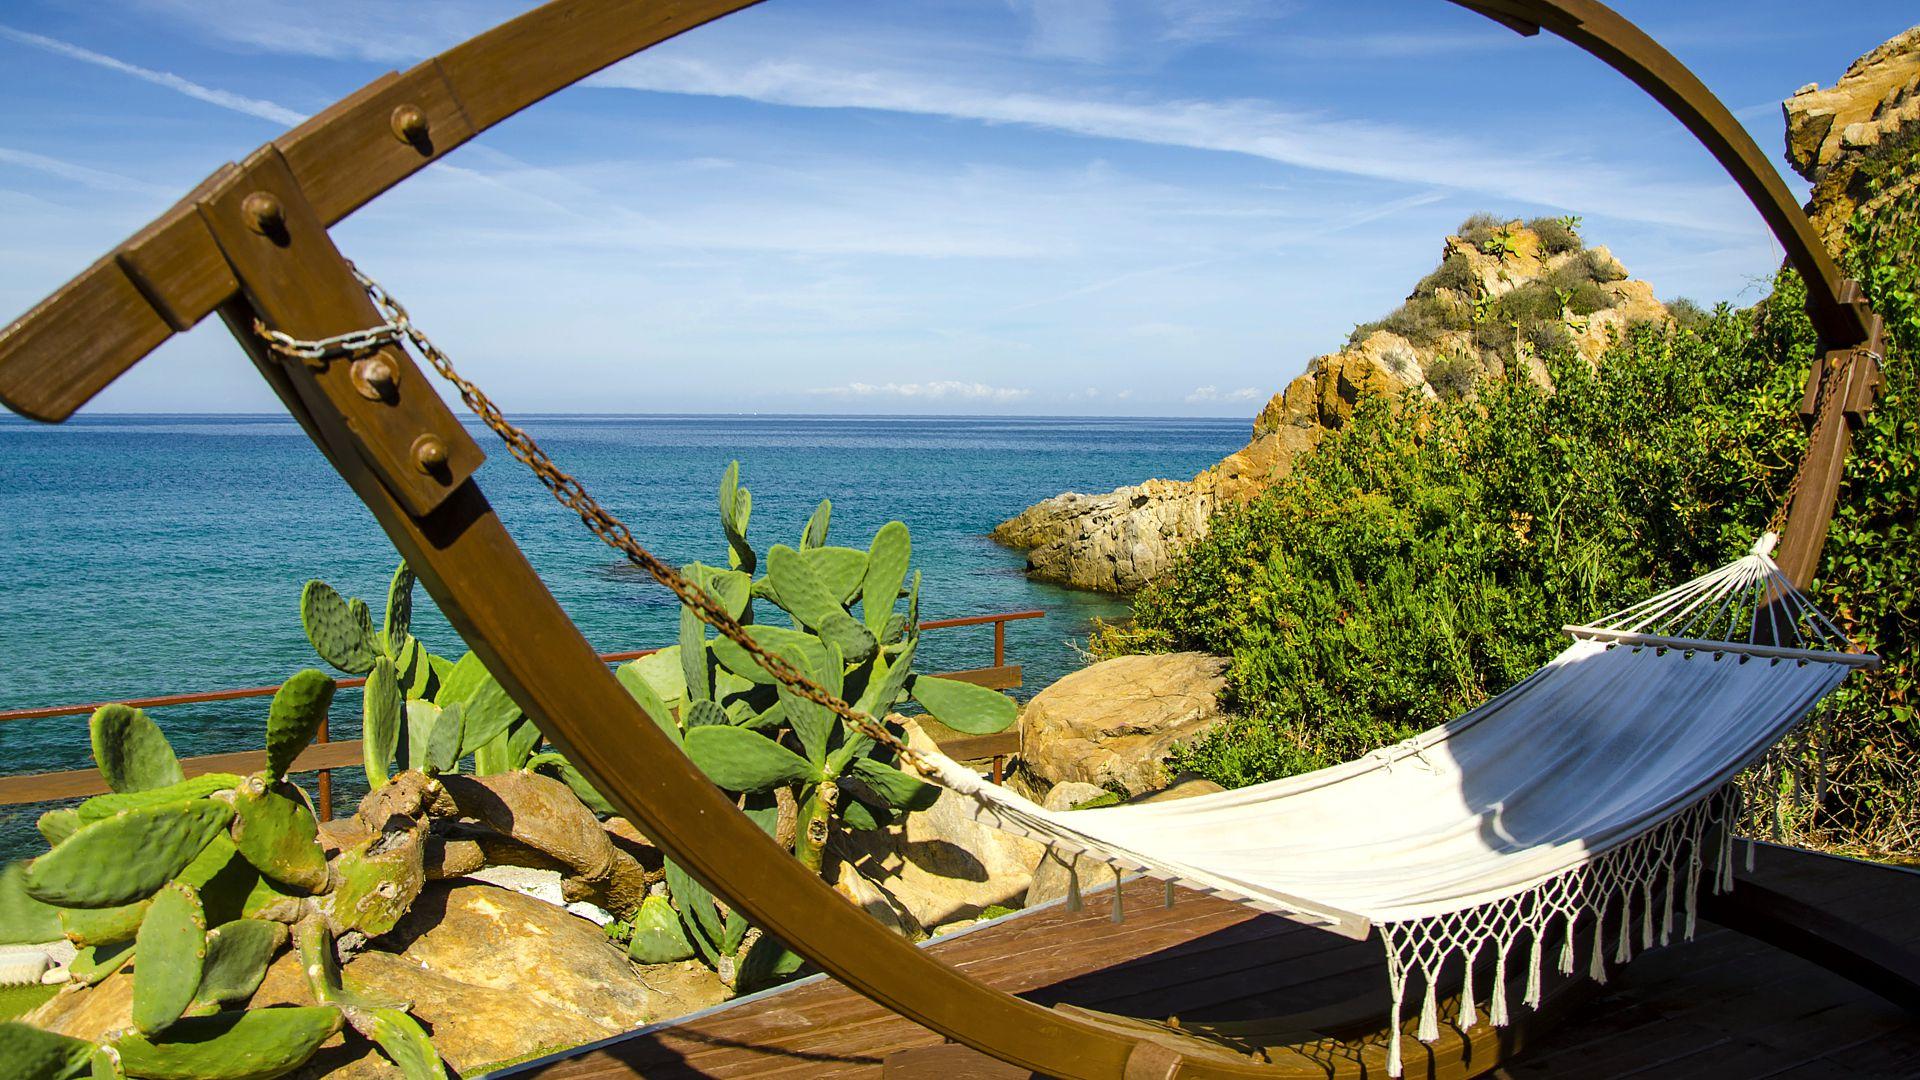 Erholung pur in der Hängematte im nachhaltigen Calanica Strandhotel, Sizilien